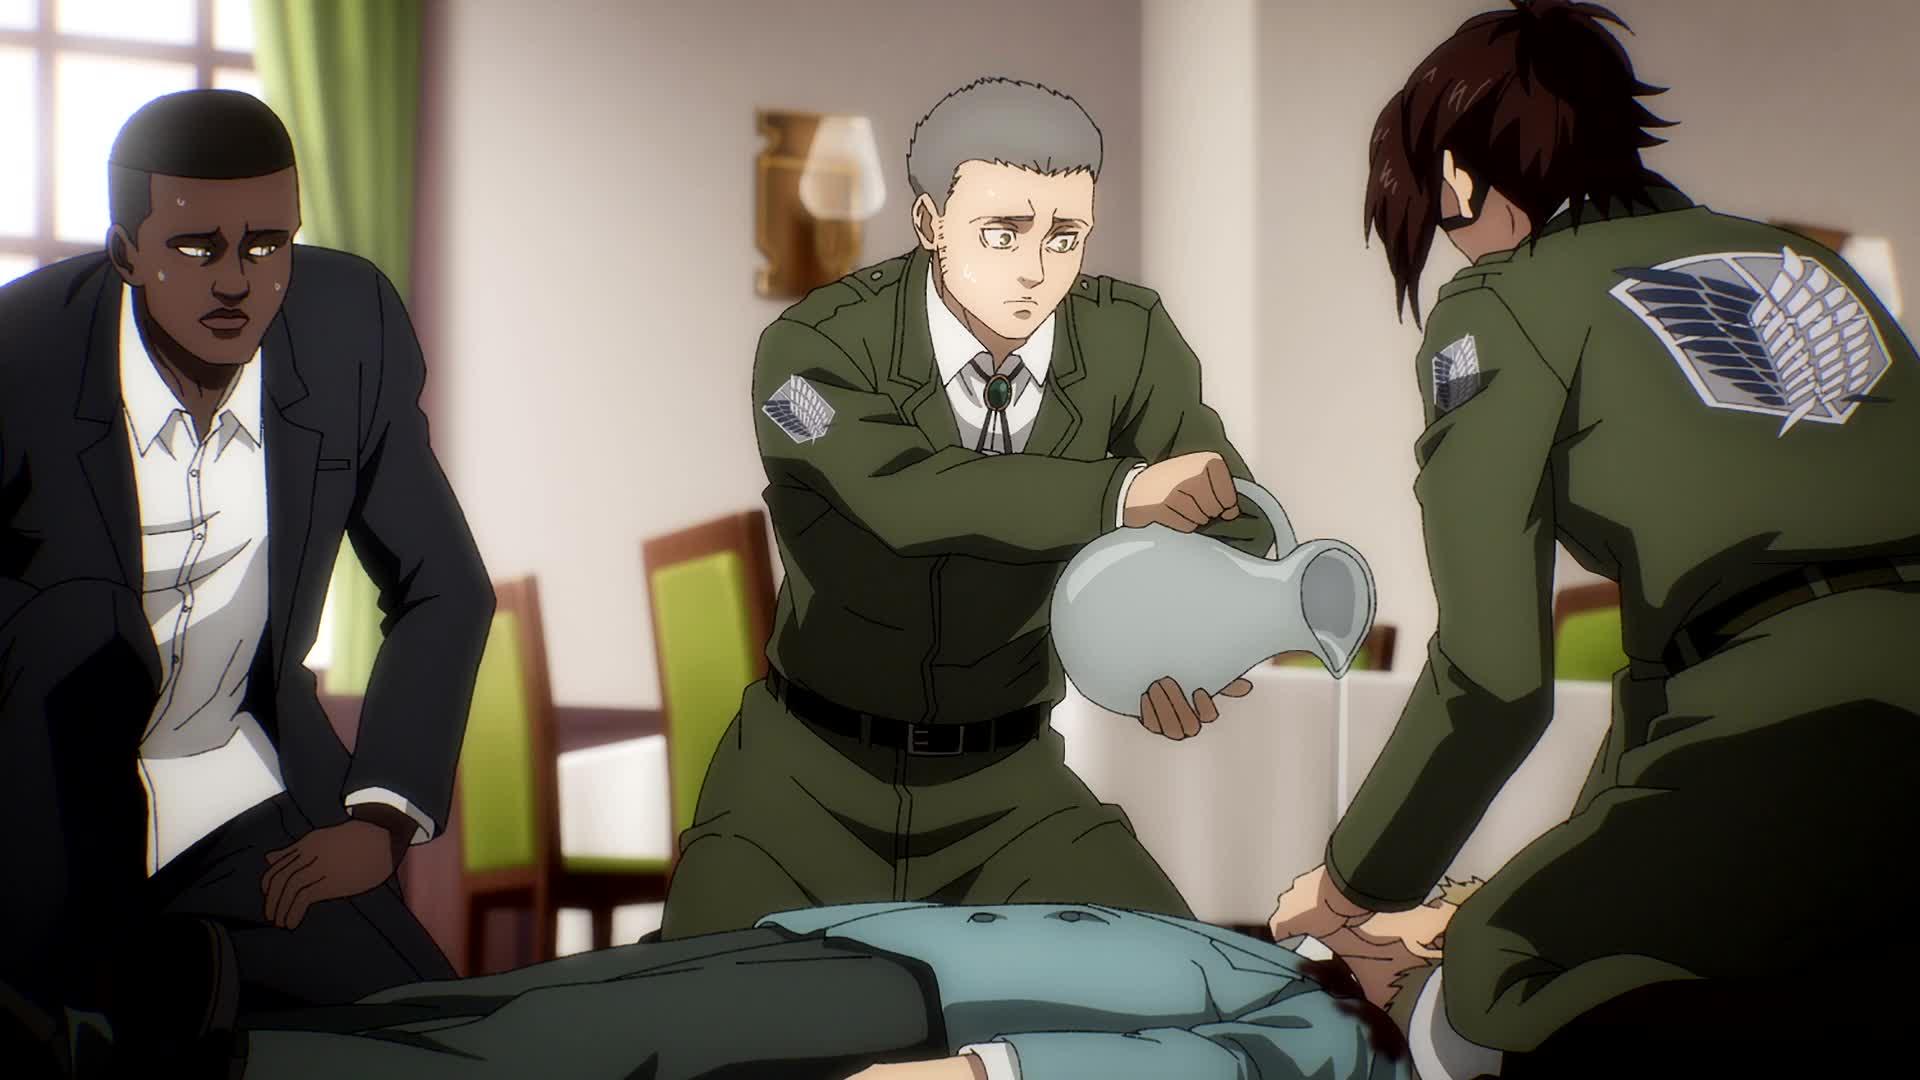 Shingeki no Kyojin: The Final Season - Episode 9